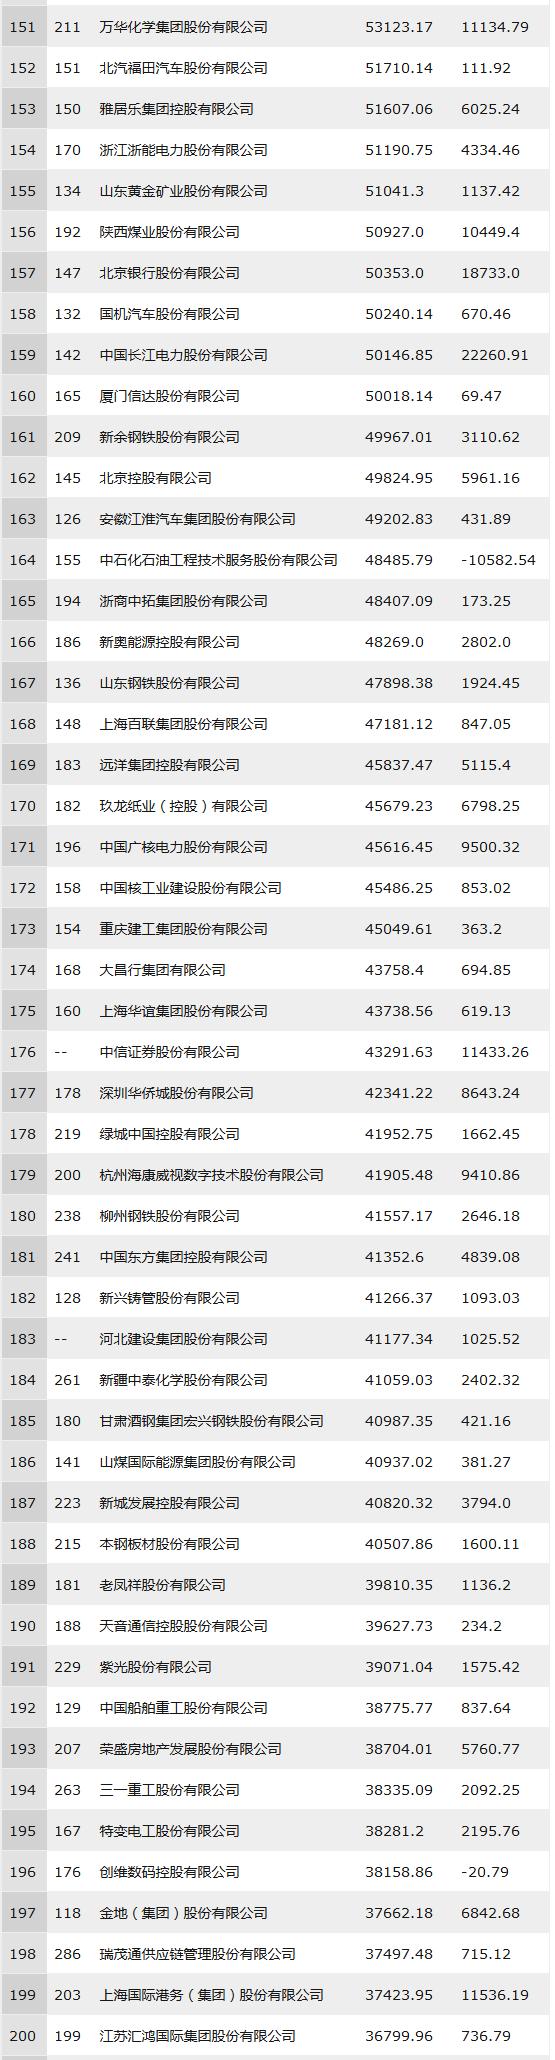 2018年中国500强排行榜(全部榜单)151-200